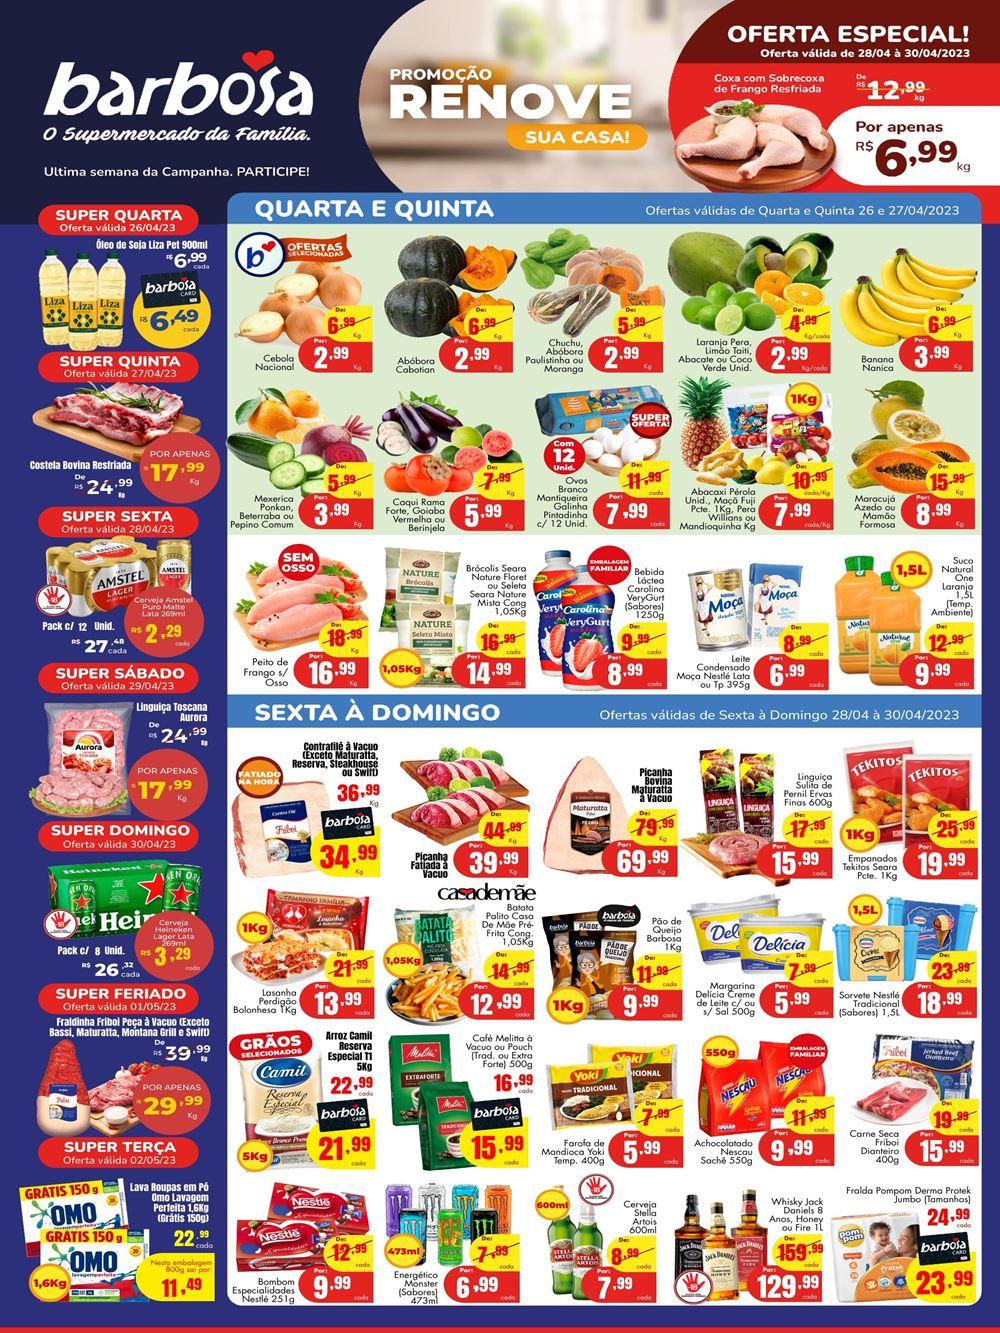 barbosa-ofertas-descontos-hoje1-36 Ofertas de supermercados